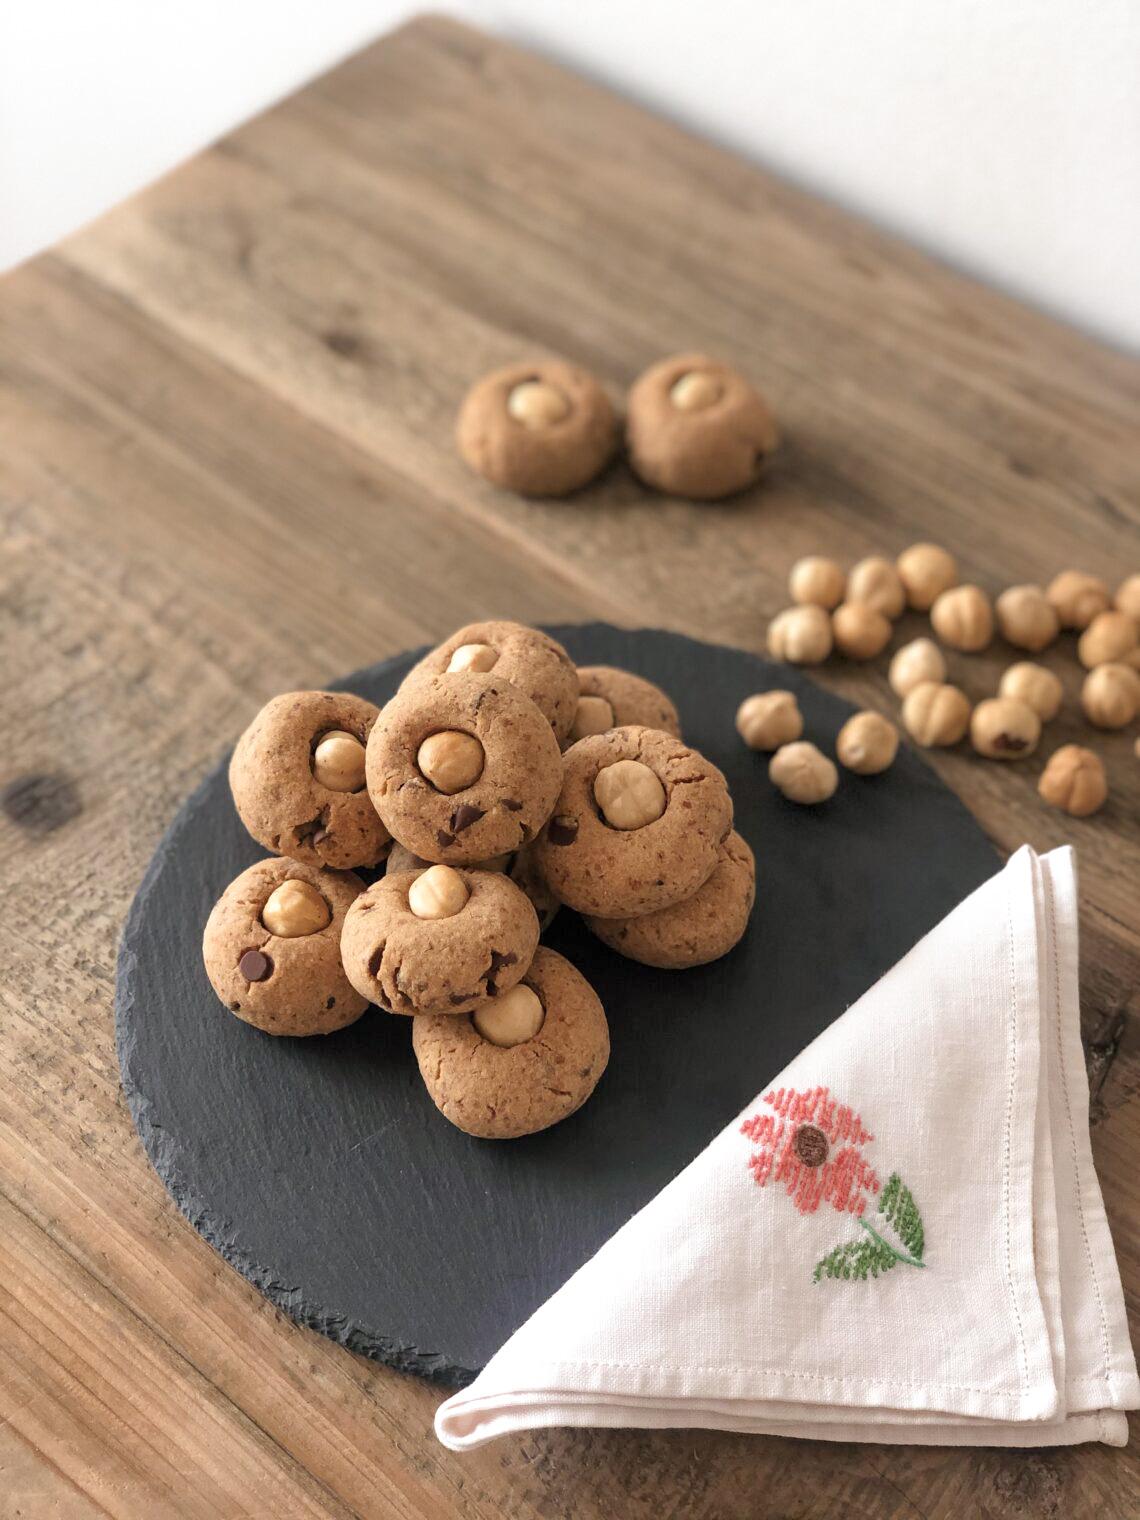 Biscotti con farina di castagne e farina di nocciole senza lattosio con gocce di cioccolato e farina di riso integrale